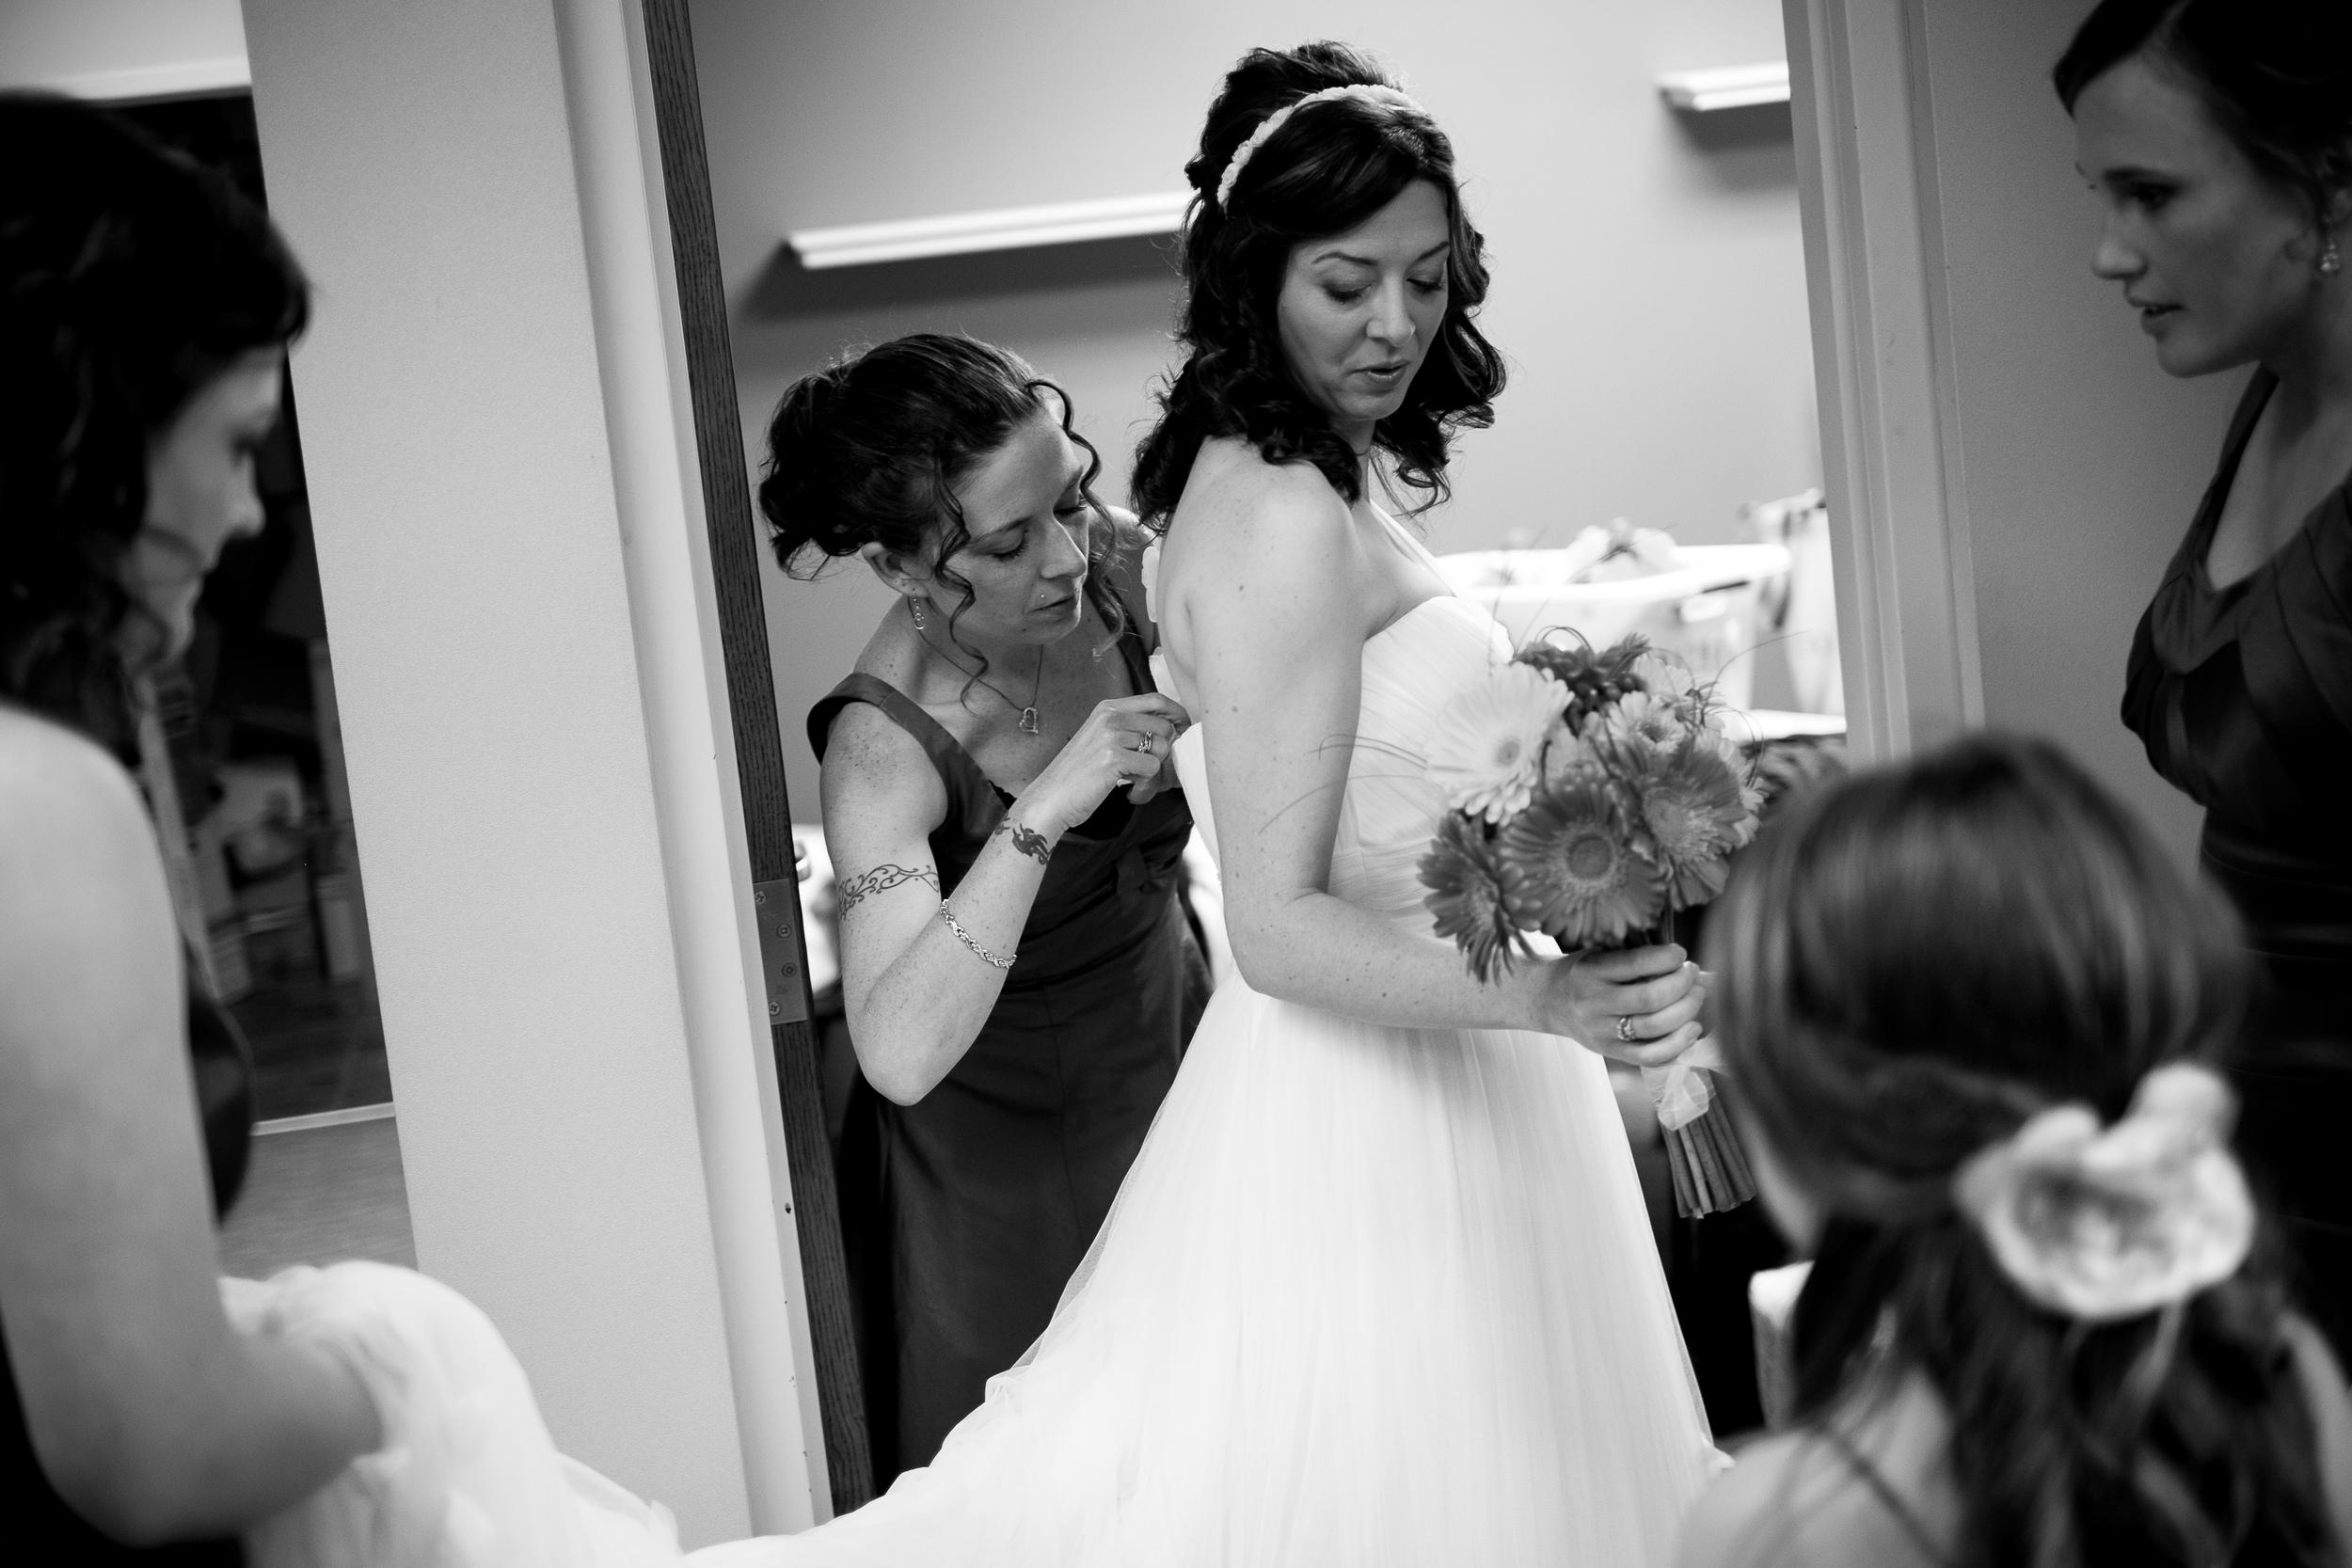 fuji-xpro-1-wedding-001.jpg